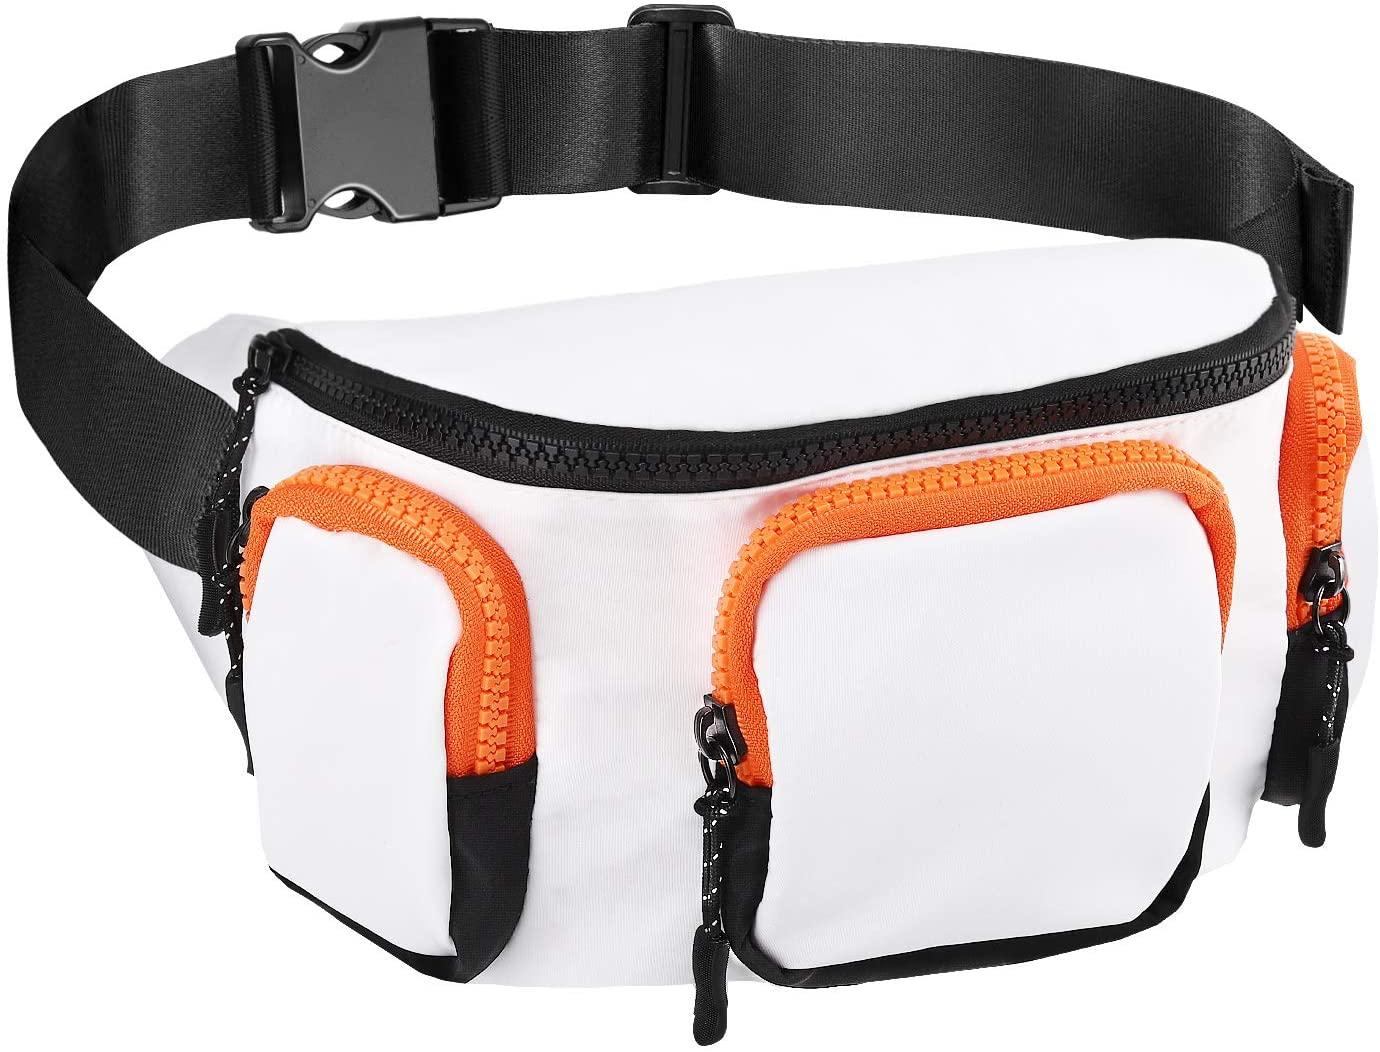 MoKo Fanny Pack Bag, Travel, Walking, Running Sport Waist Bag Hip Pack Chest Shoulder Bag for Man Women